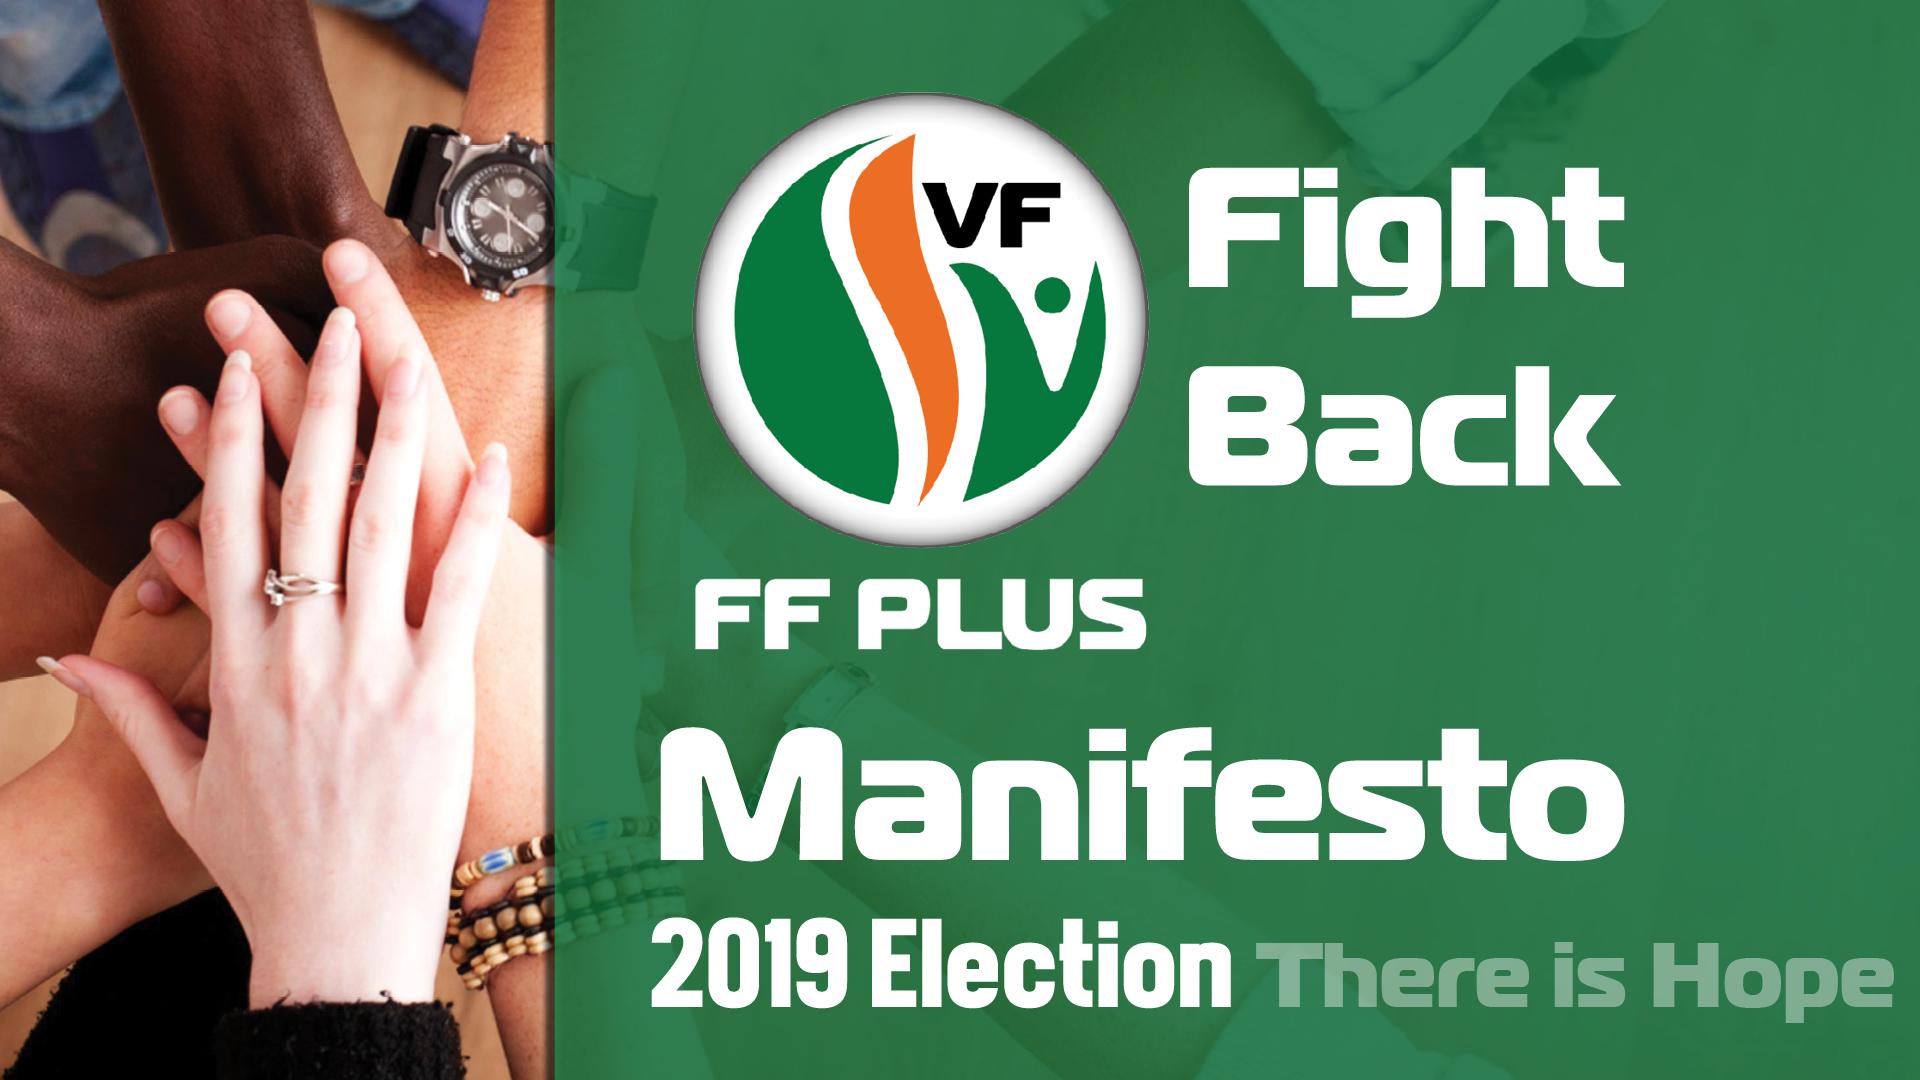 FF Plus Manifesto 2019